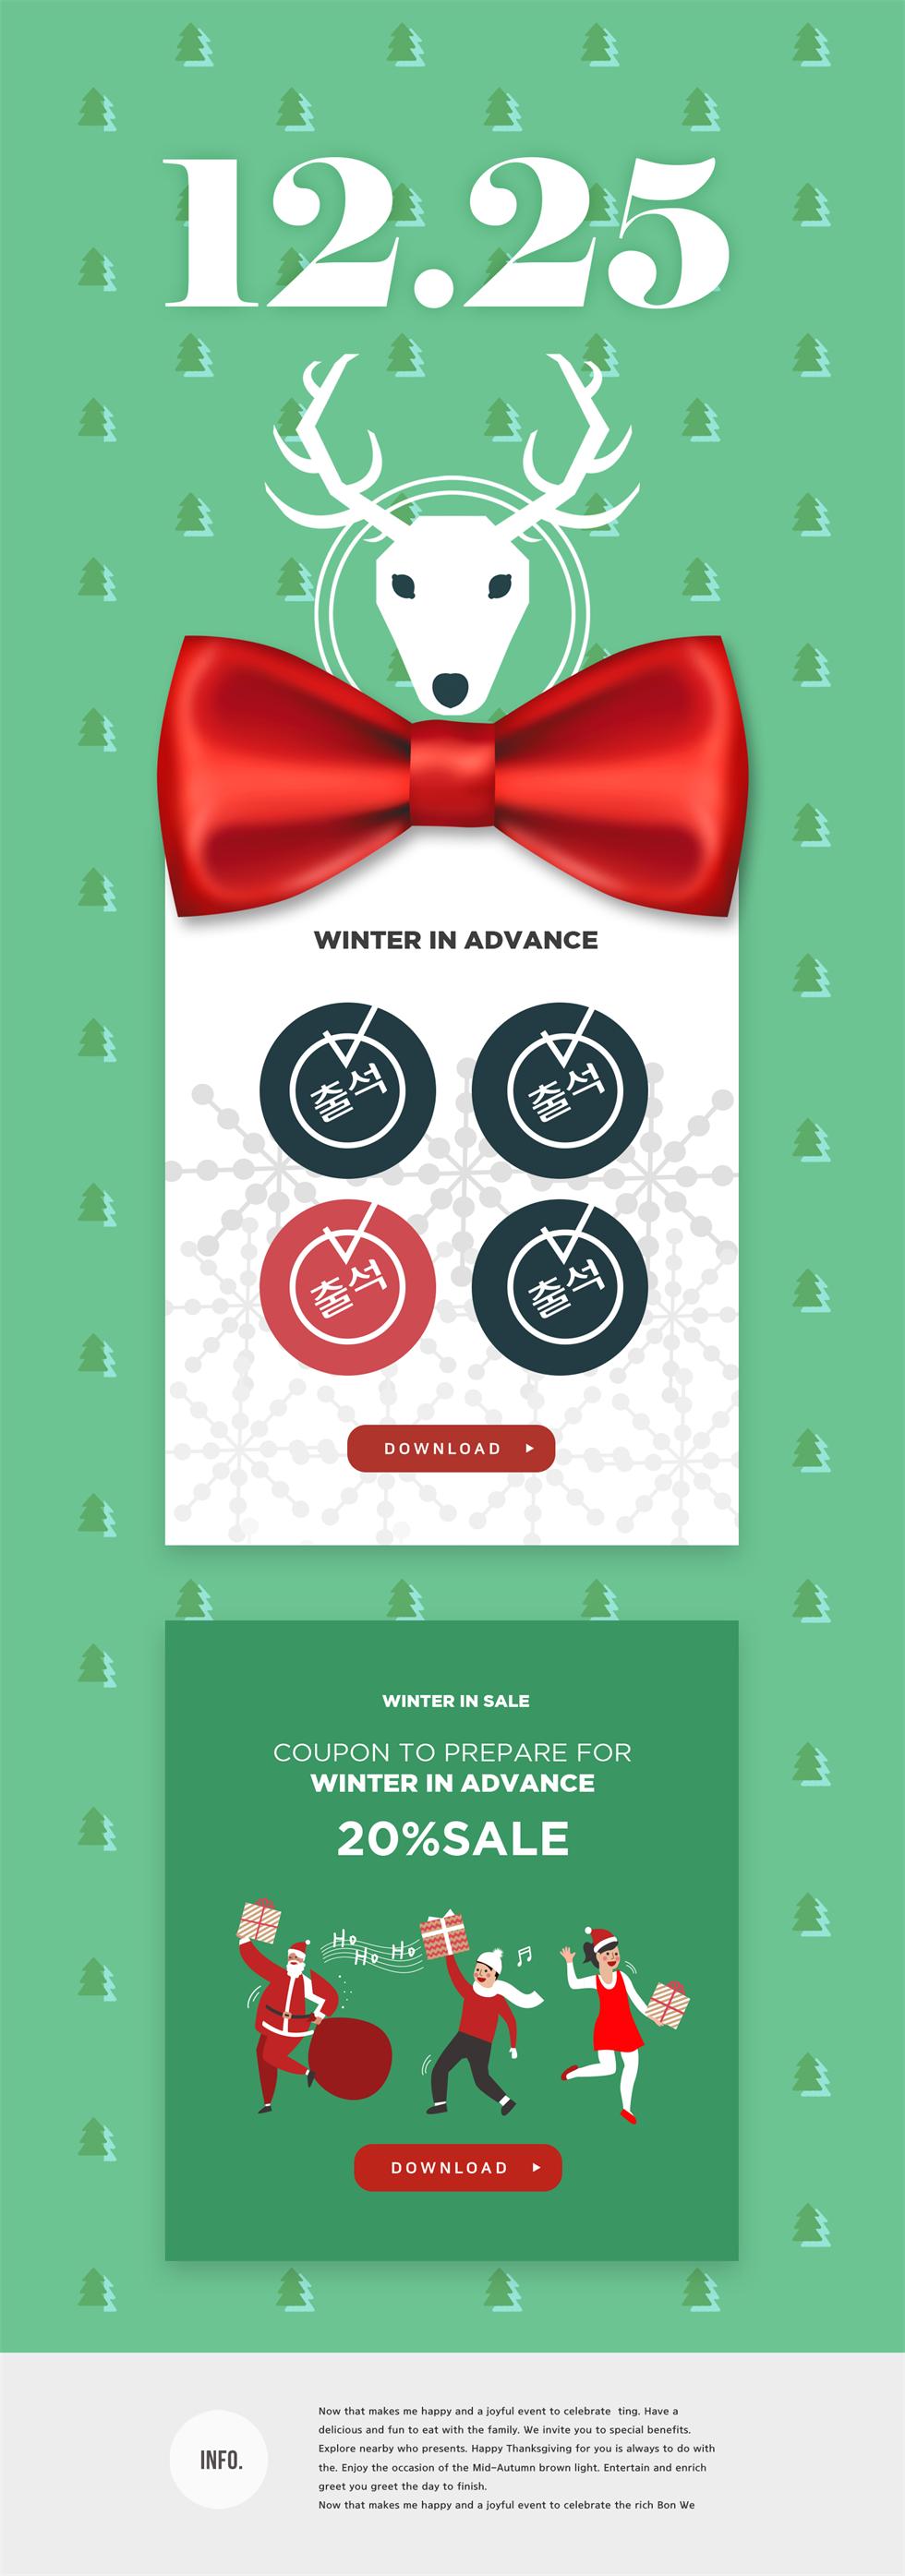 高端时尚促销风淘宝圣诞节首页模板PSD